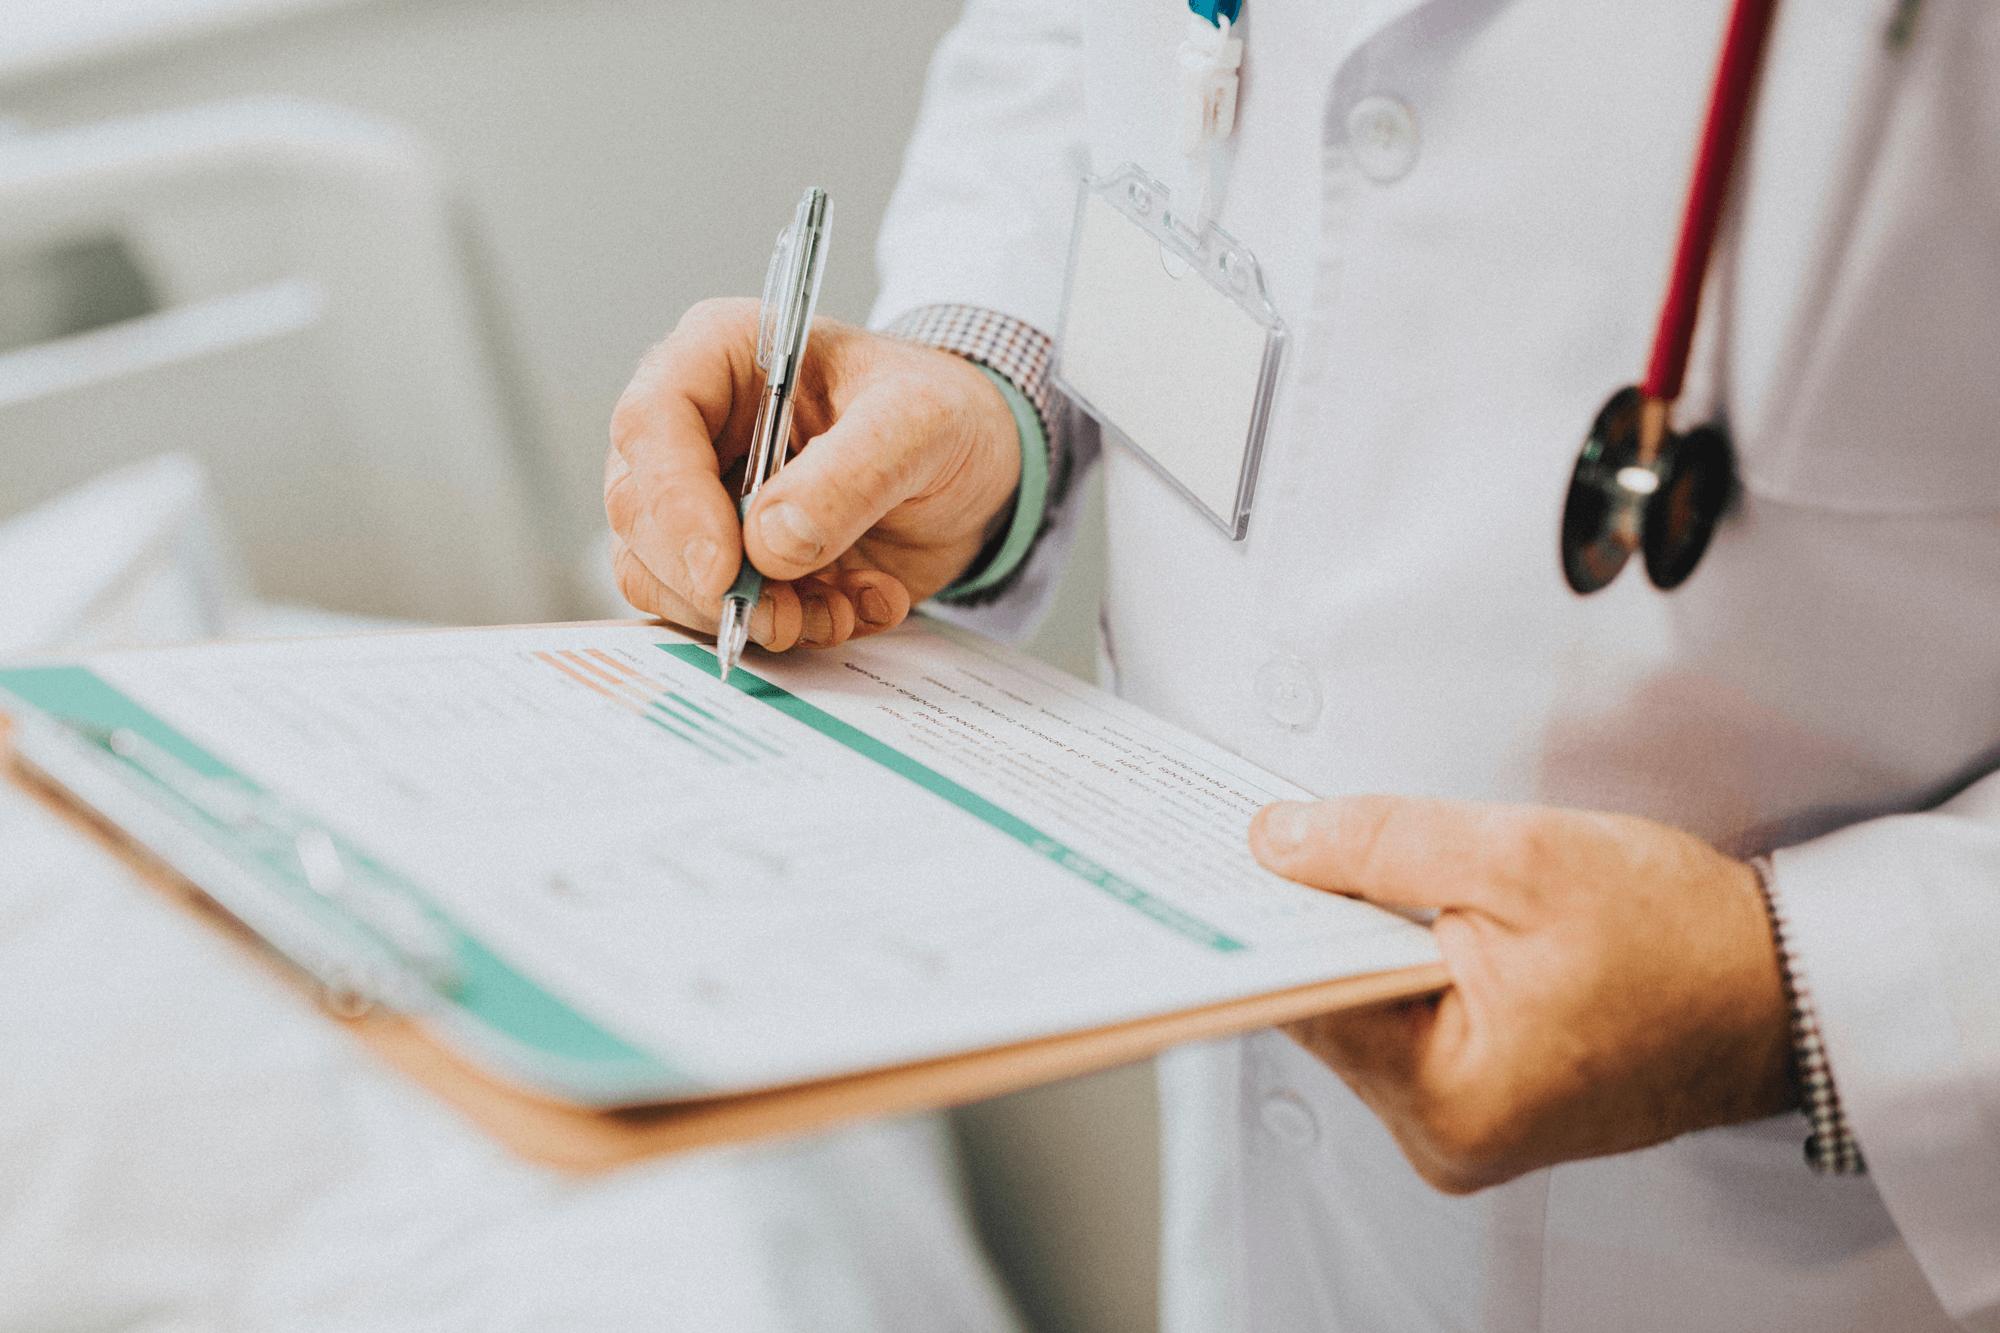 Zorgsector   Gezondheidszorg   Care & Cure   Zorgbranche